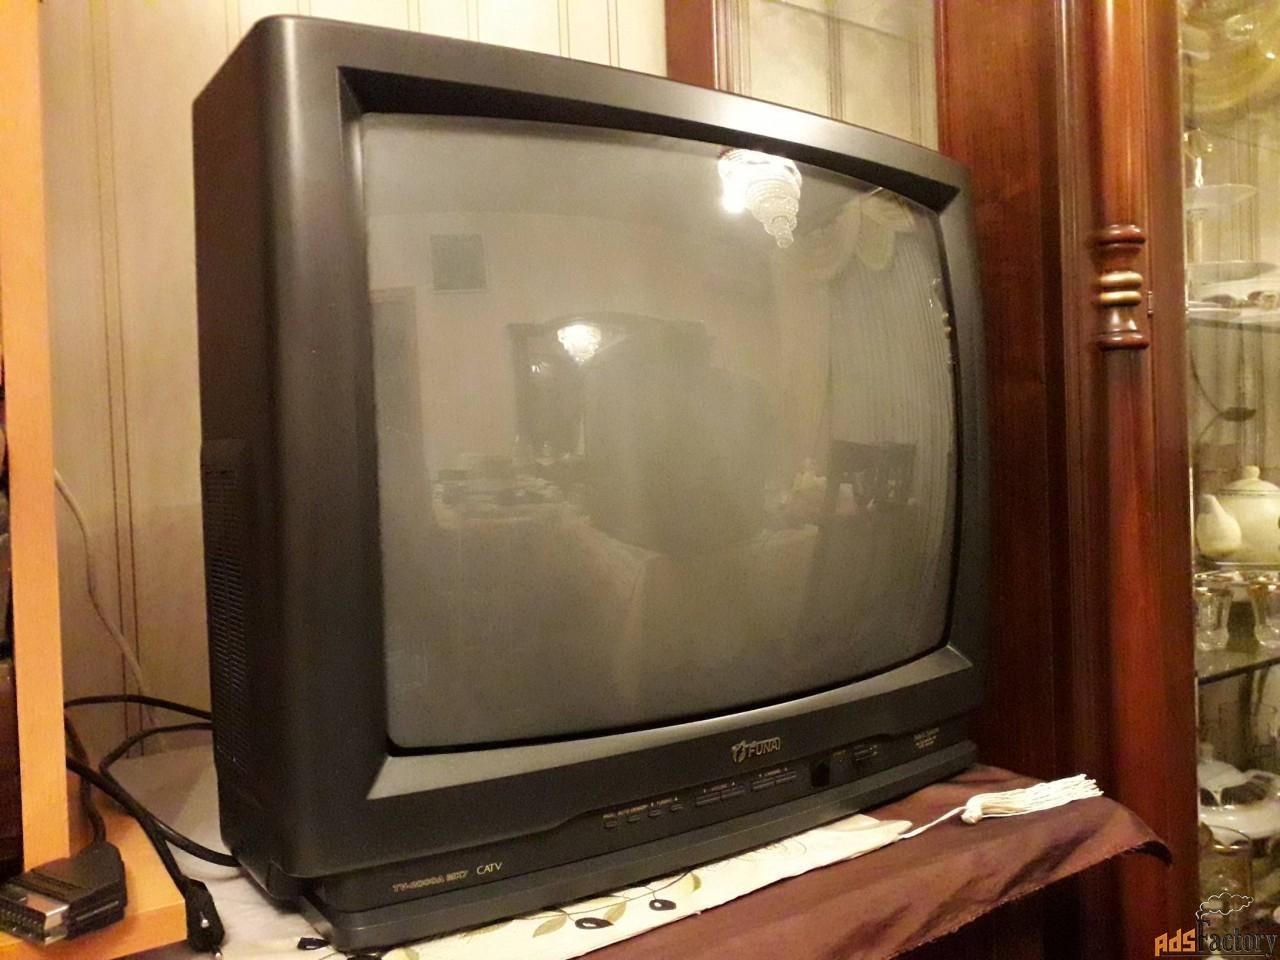 телевизор funai tv-2000a mk7, диагональ 51 см + пульт + инструкция